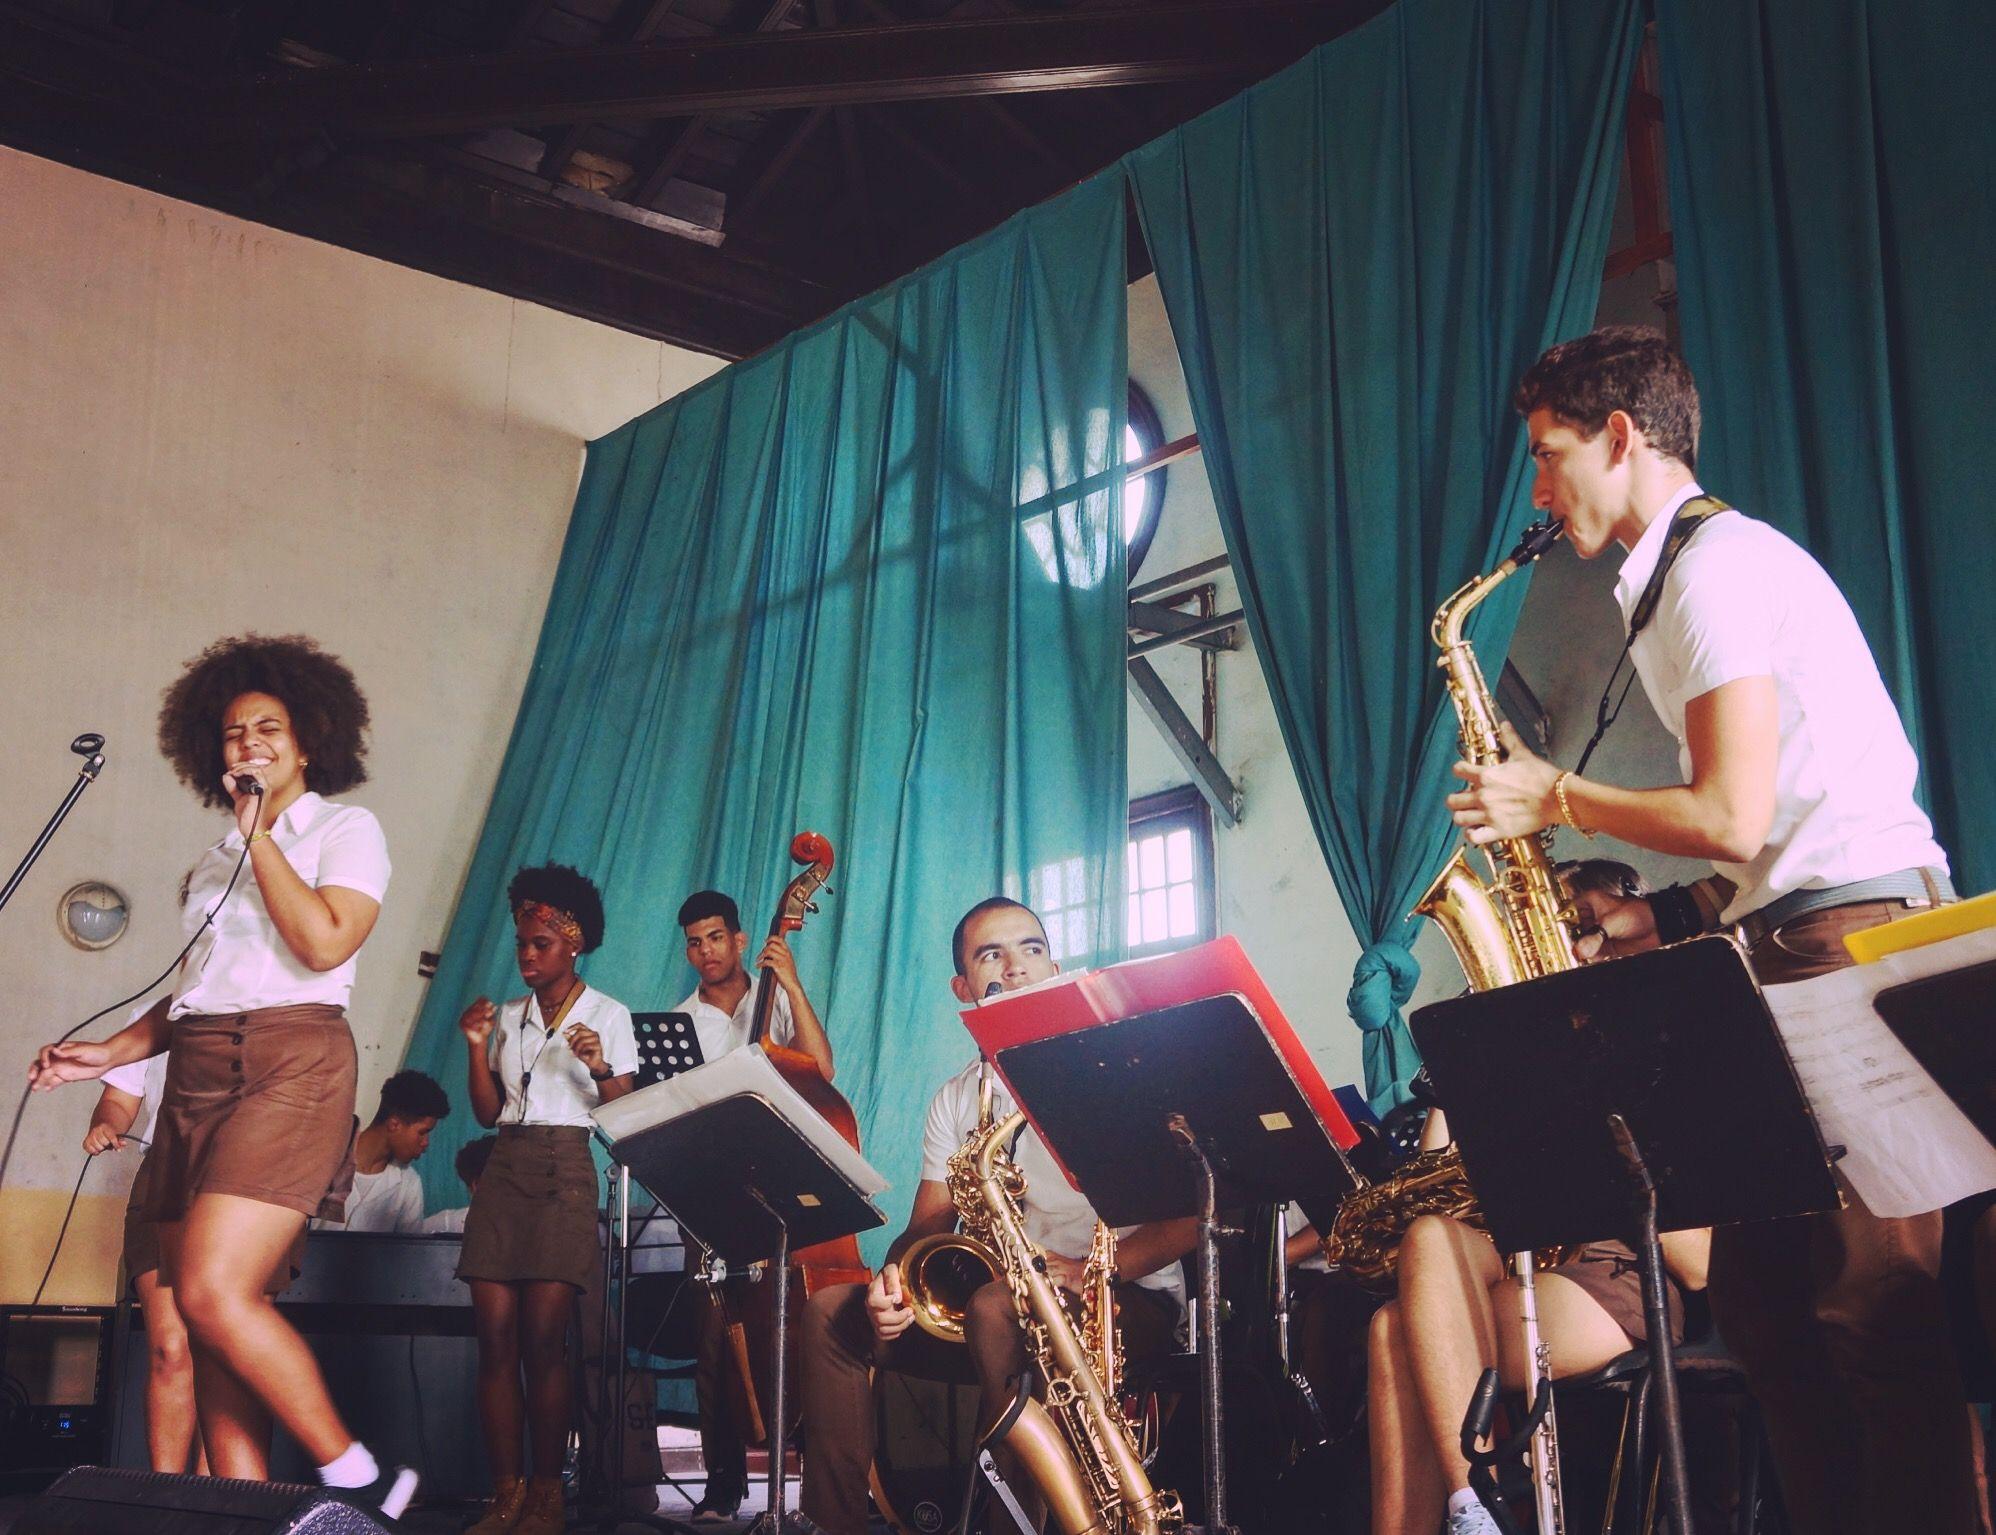 Nuestra agencia te permite conectar directamente con el excelente trabajo de las escuelas de música en Cuba! . Reserva tu Tour ahora: 👉havanamusictours.com . . #musicoscubanos #conservatoriodemusica #estudiantesdemusica #musicacubana #jazzplaza #jazzplazaoffers #jazzplazaofficial  #jazzplaza2020 #musictour #viajescuba #viajesacuba #jazzmusicians #jazzmusic #jazzband #cubajazzband